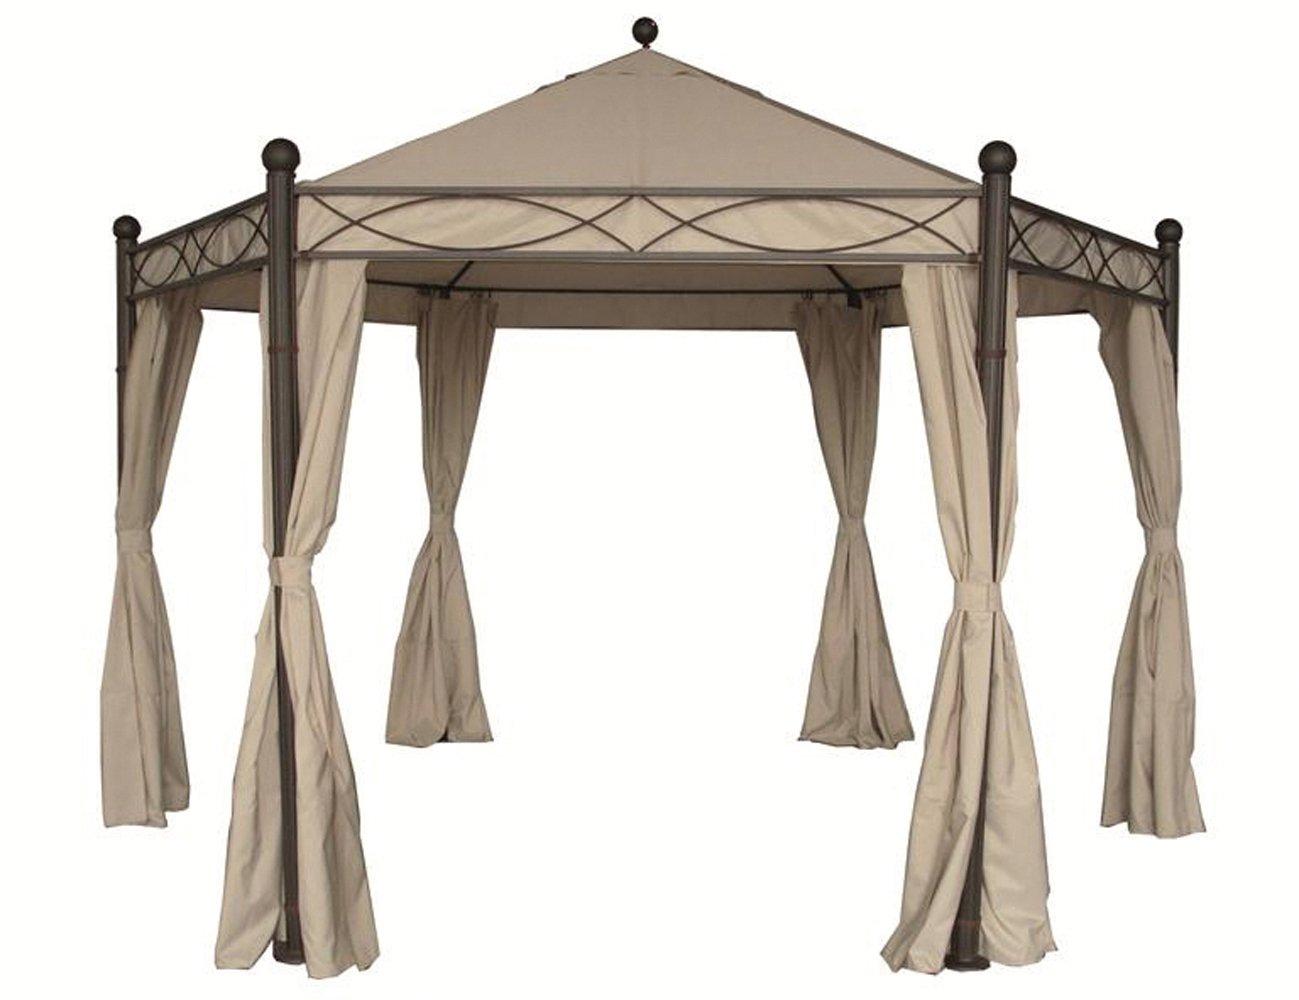 Siena Garden 407826 Seitenteile zu Pavillon Kenia 6eck Polyester natur günstig online kaufen